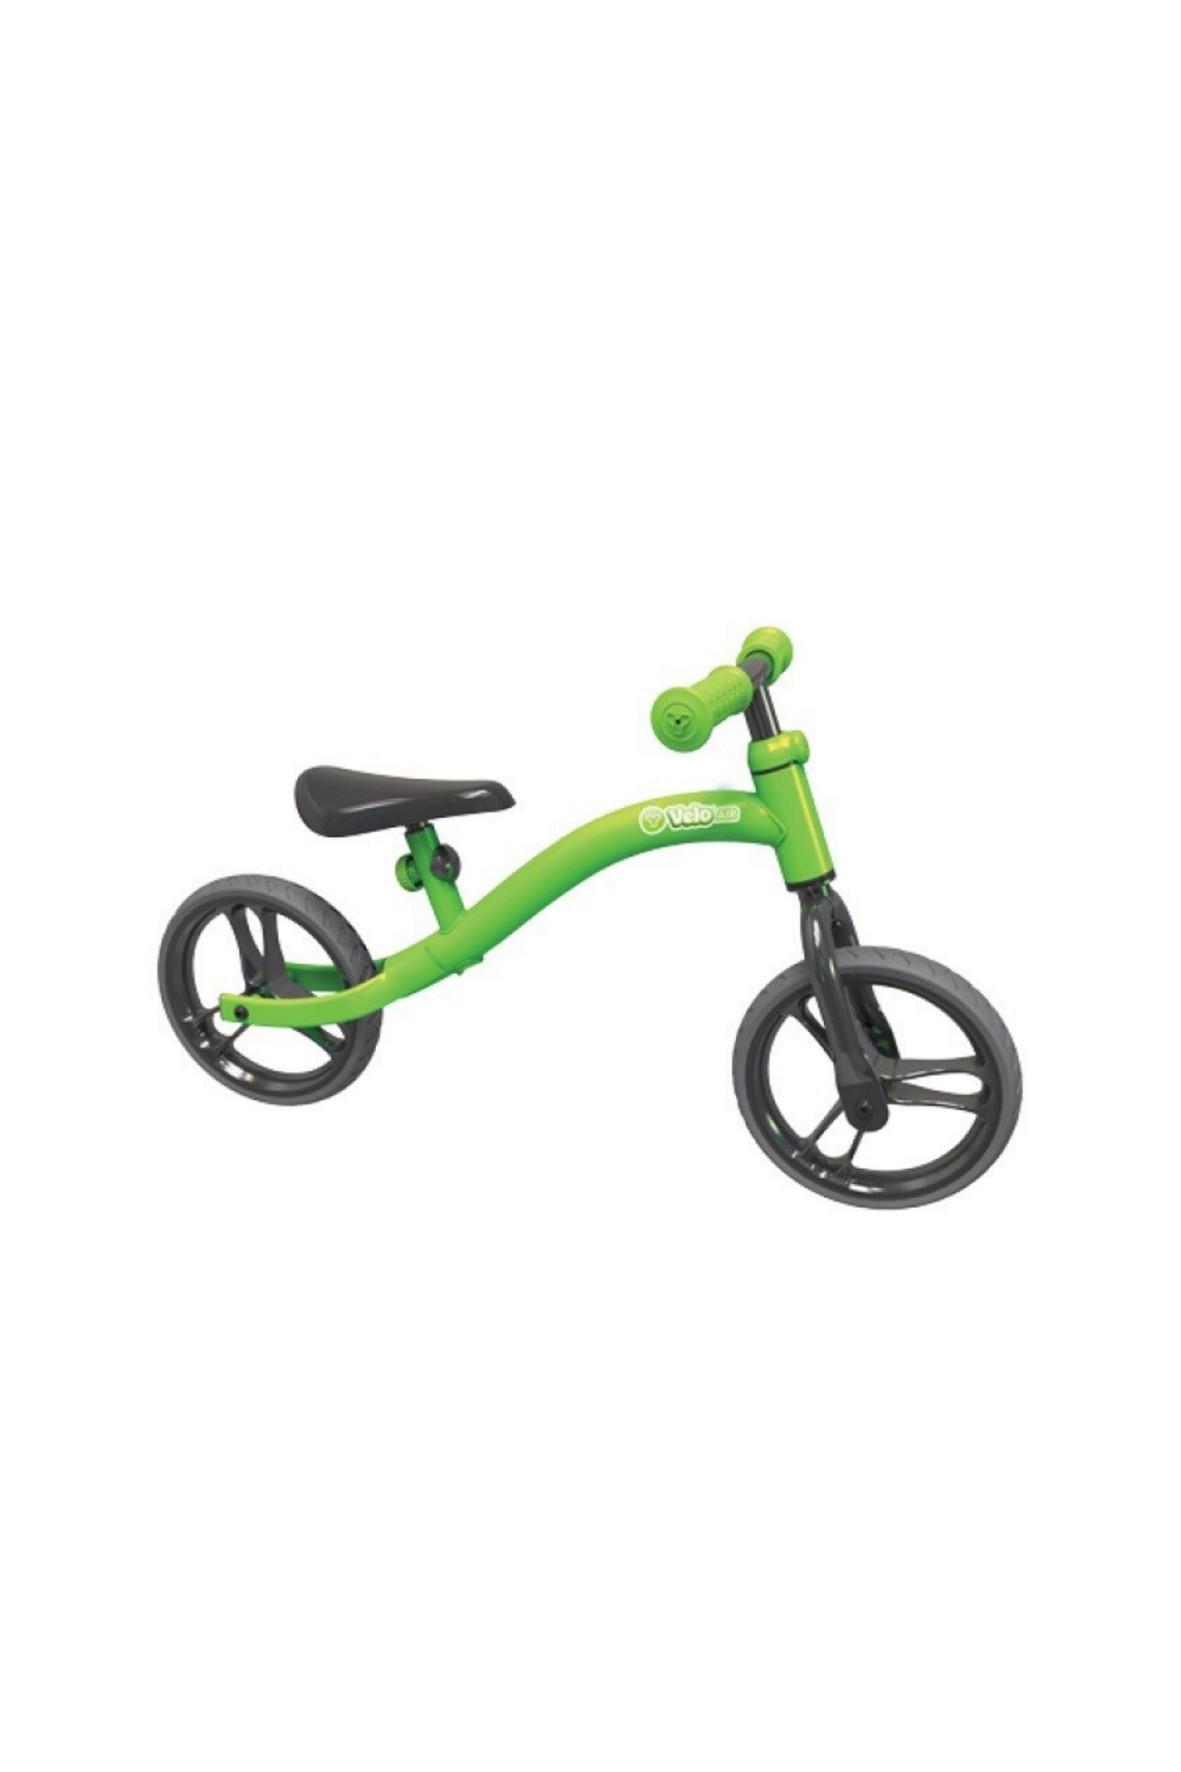 Rowerek biegowy Velo Air Yvolution-zielony